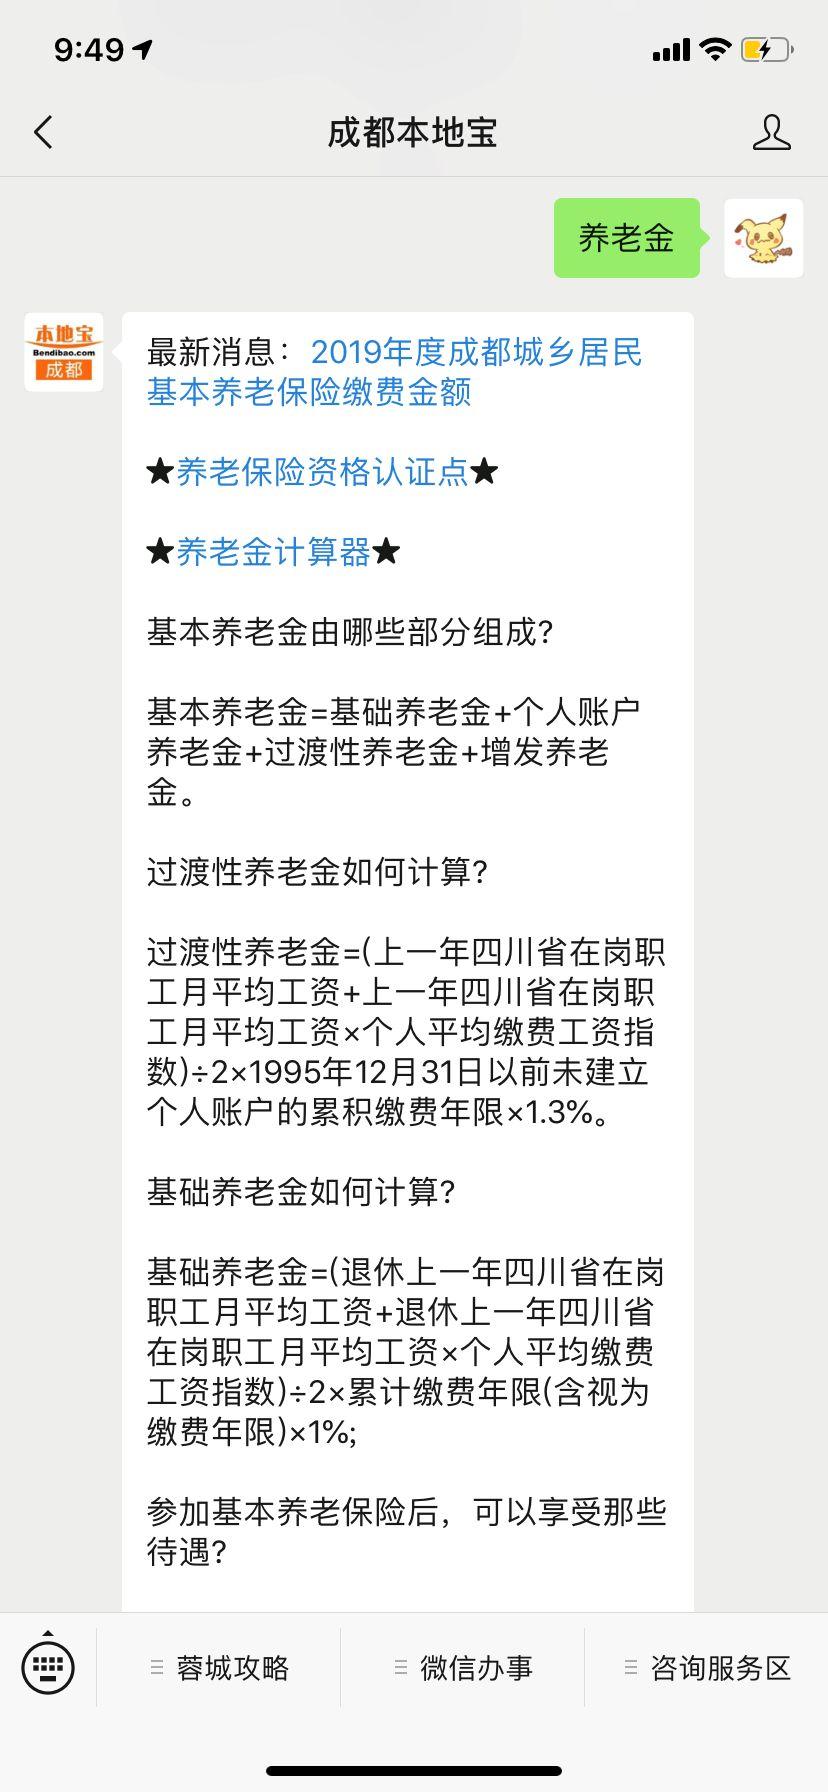 四川省上调养老金待遇5% 何时能拿到手